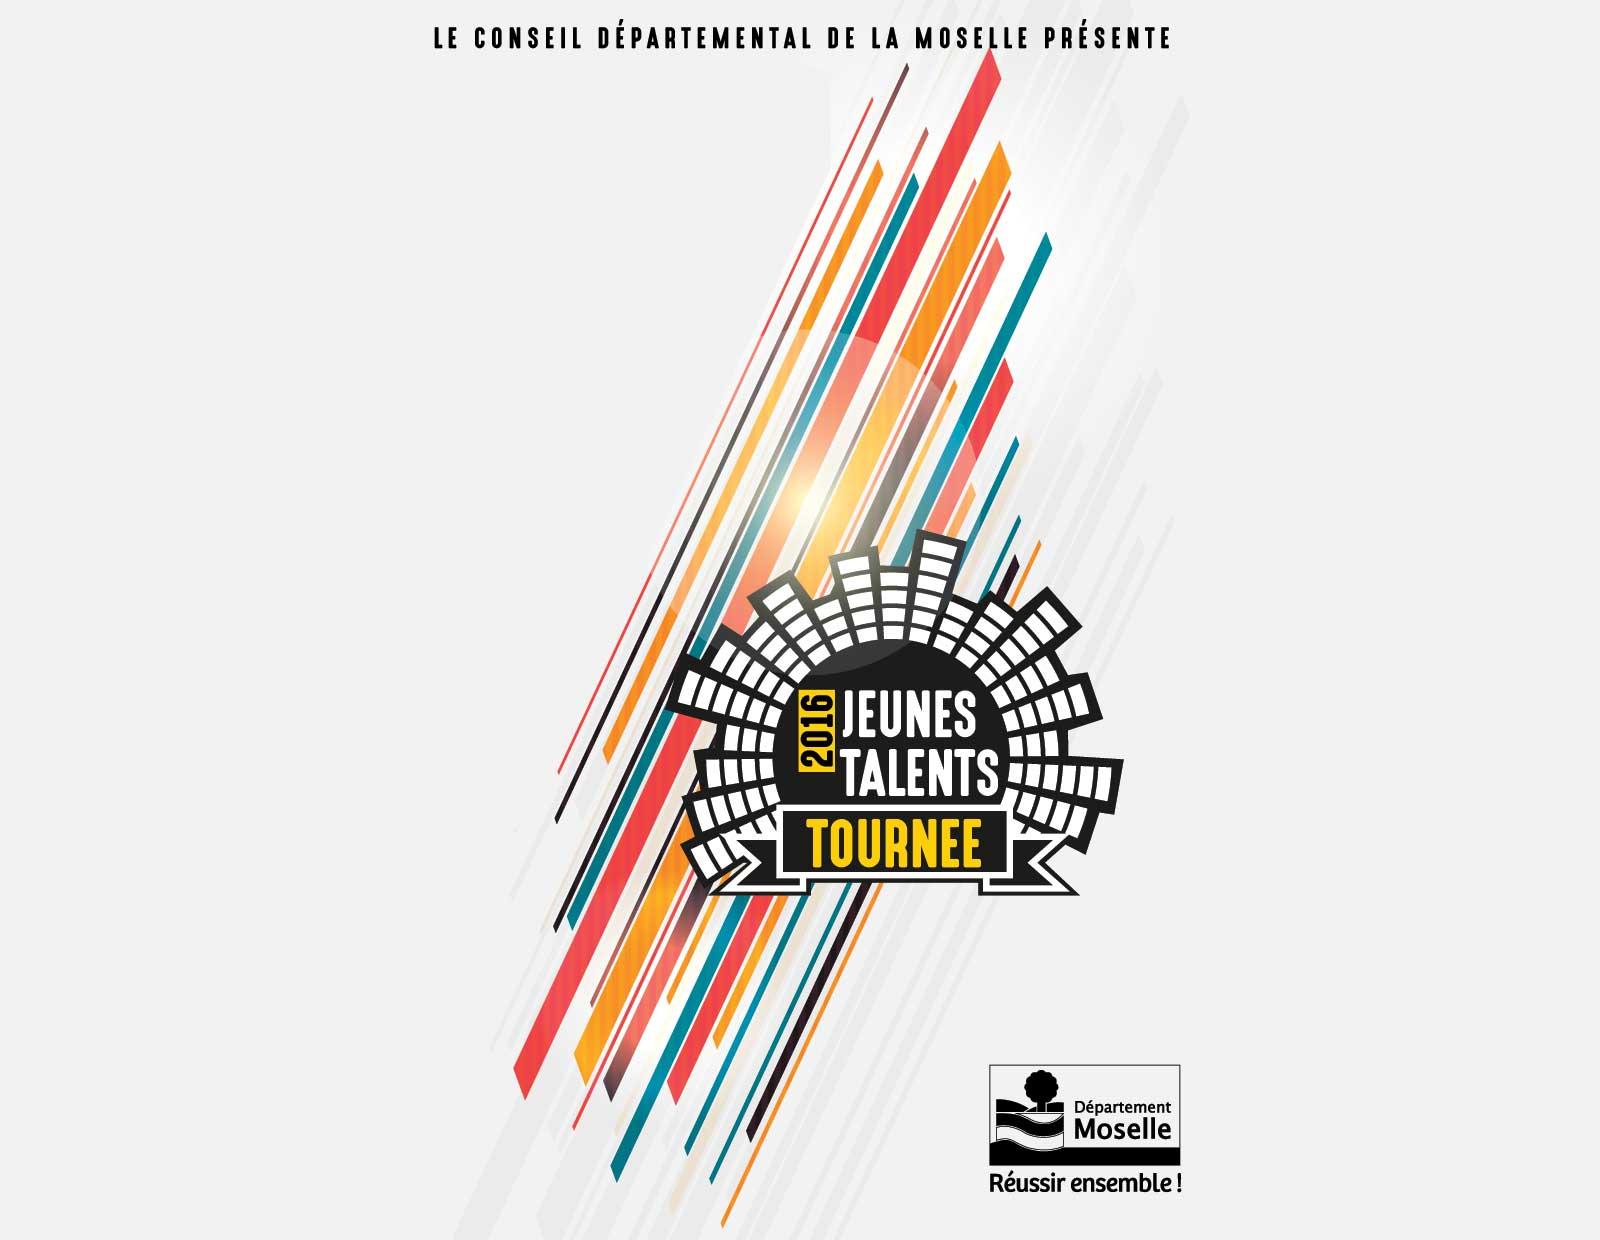 Tournée des jeunes talents en Moselle 2016